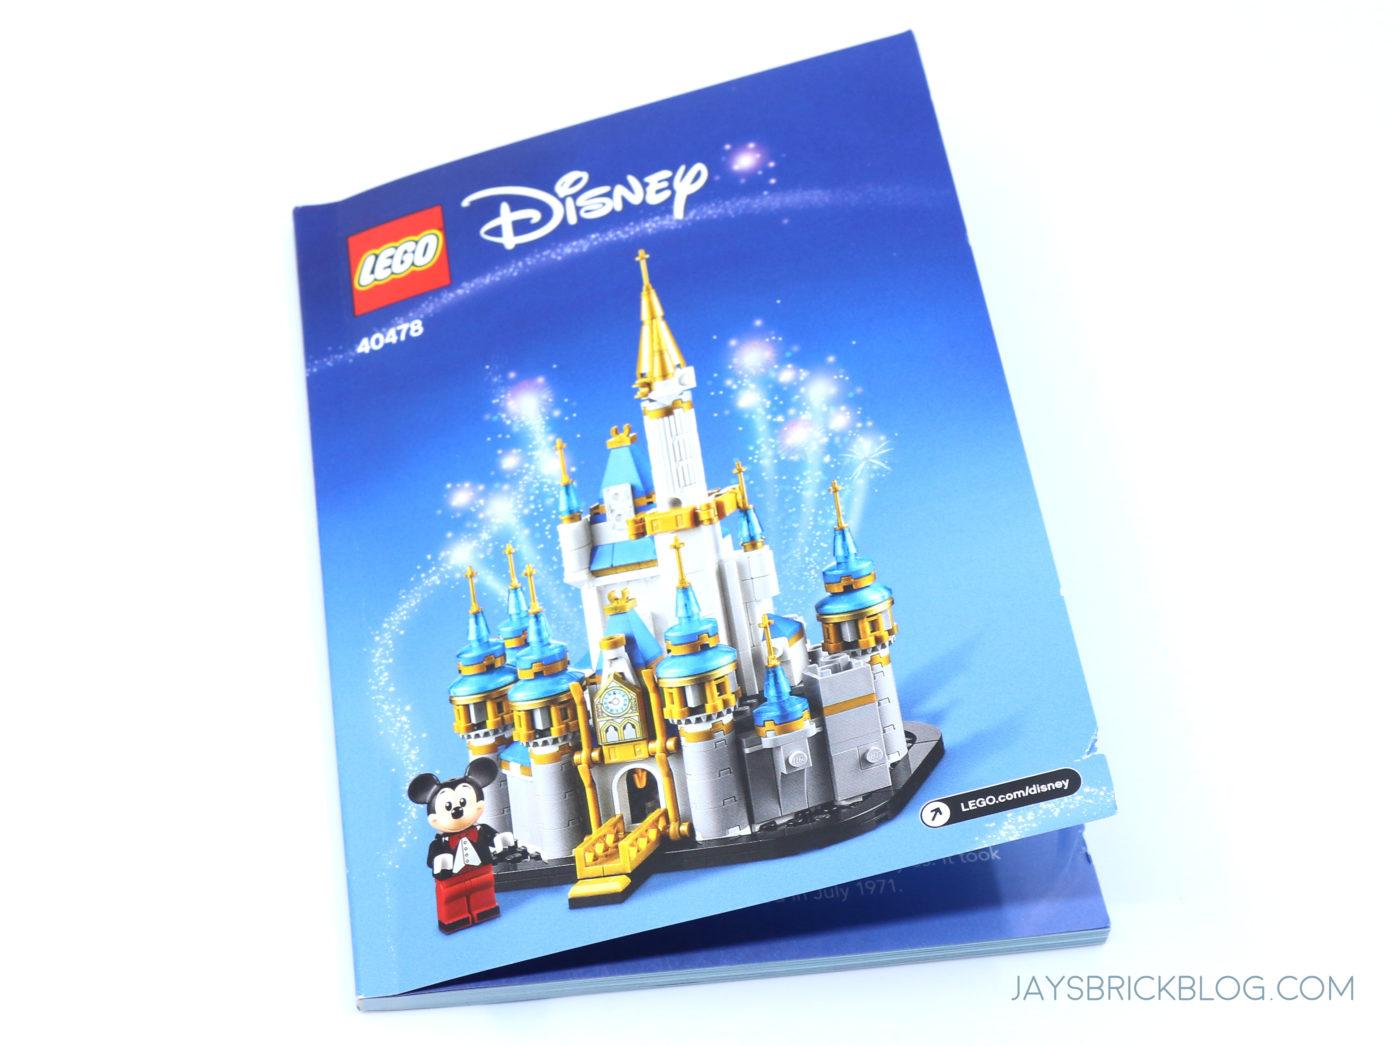 LEGO 40478 Mini Disney Castle Manual